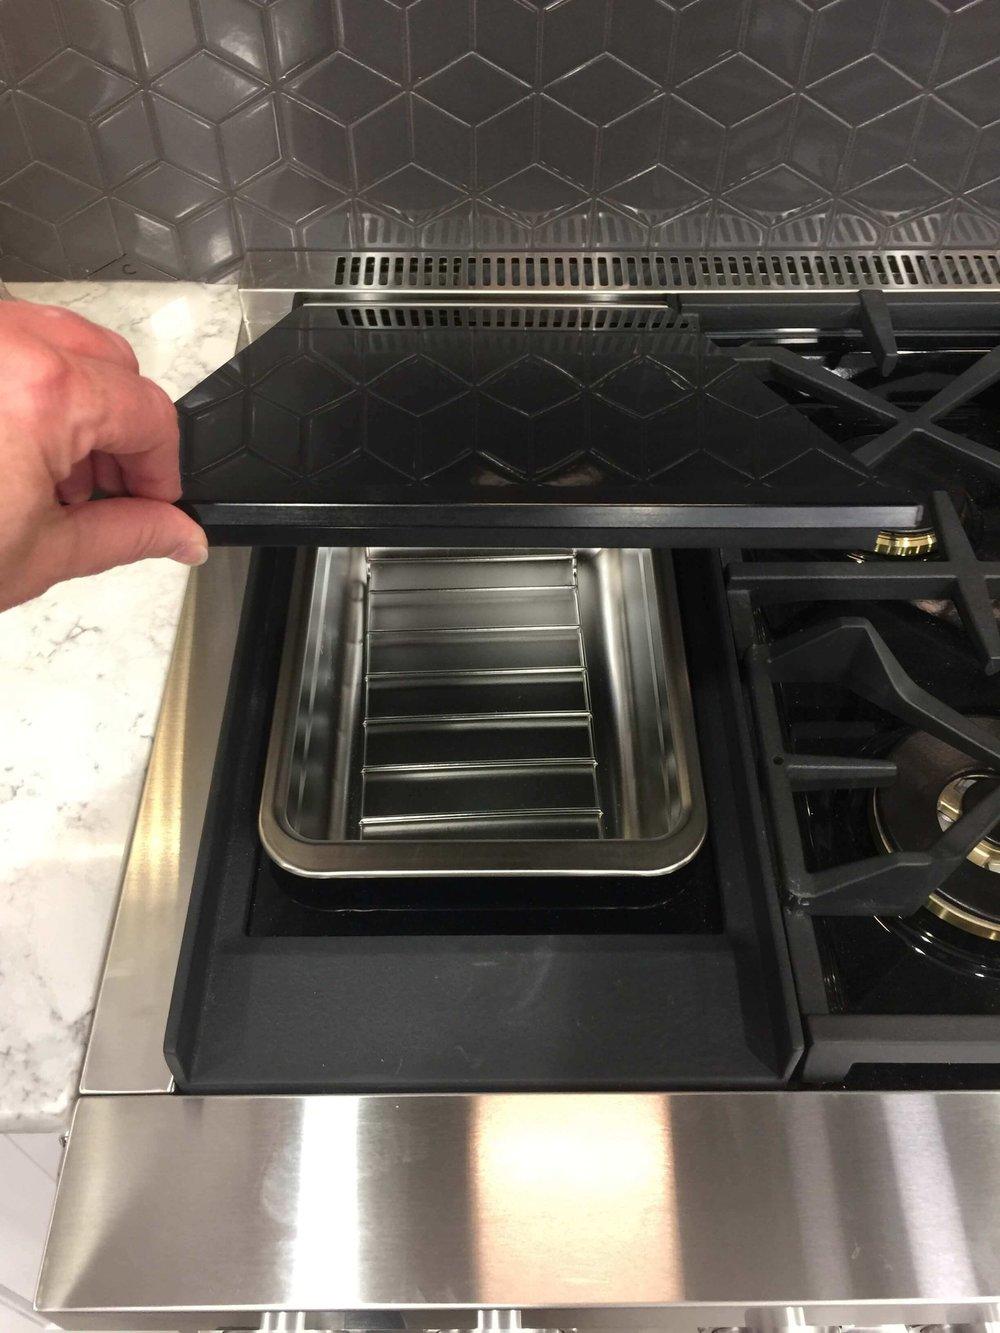 Signature Kitchen Suite Appliances booth at KBIS #appliances #sousvide